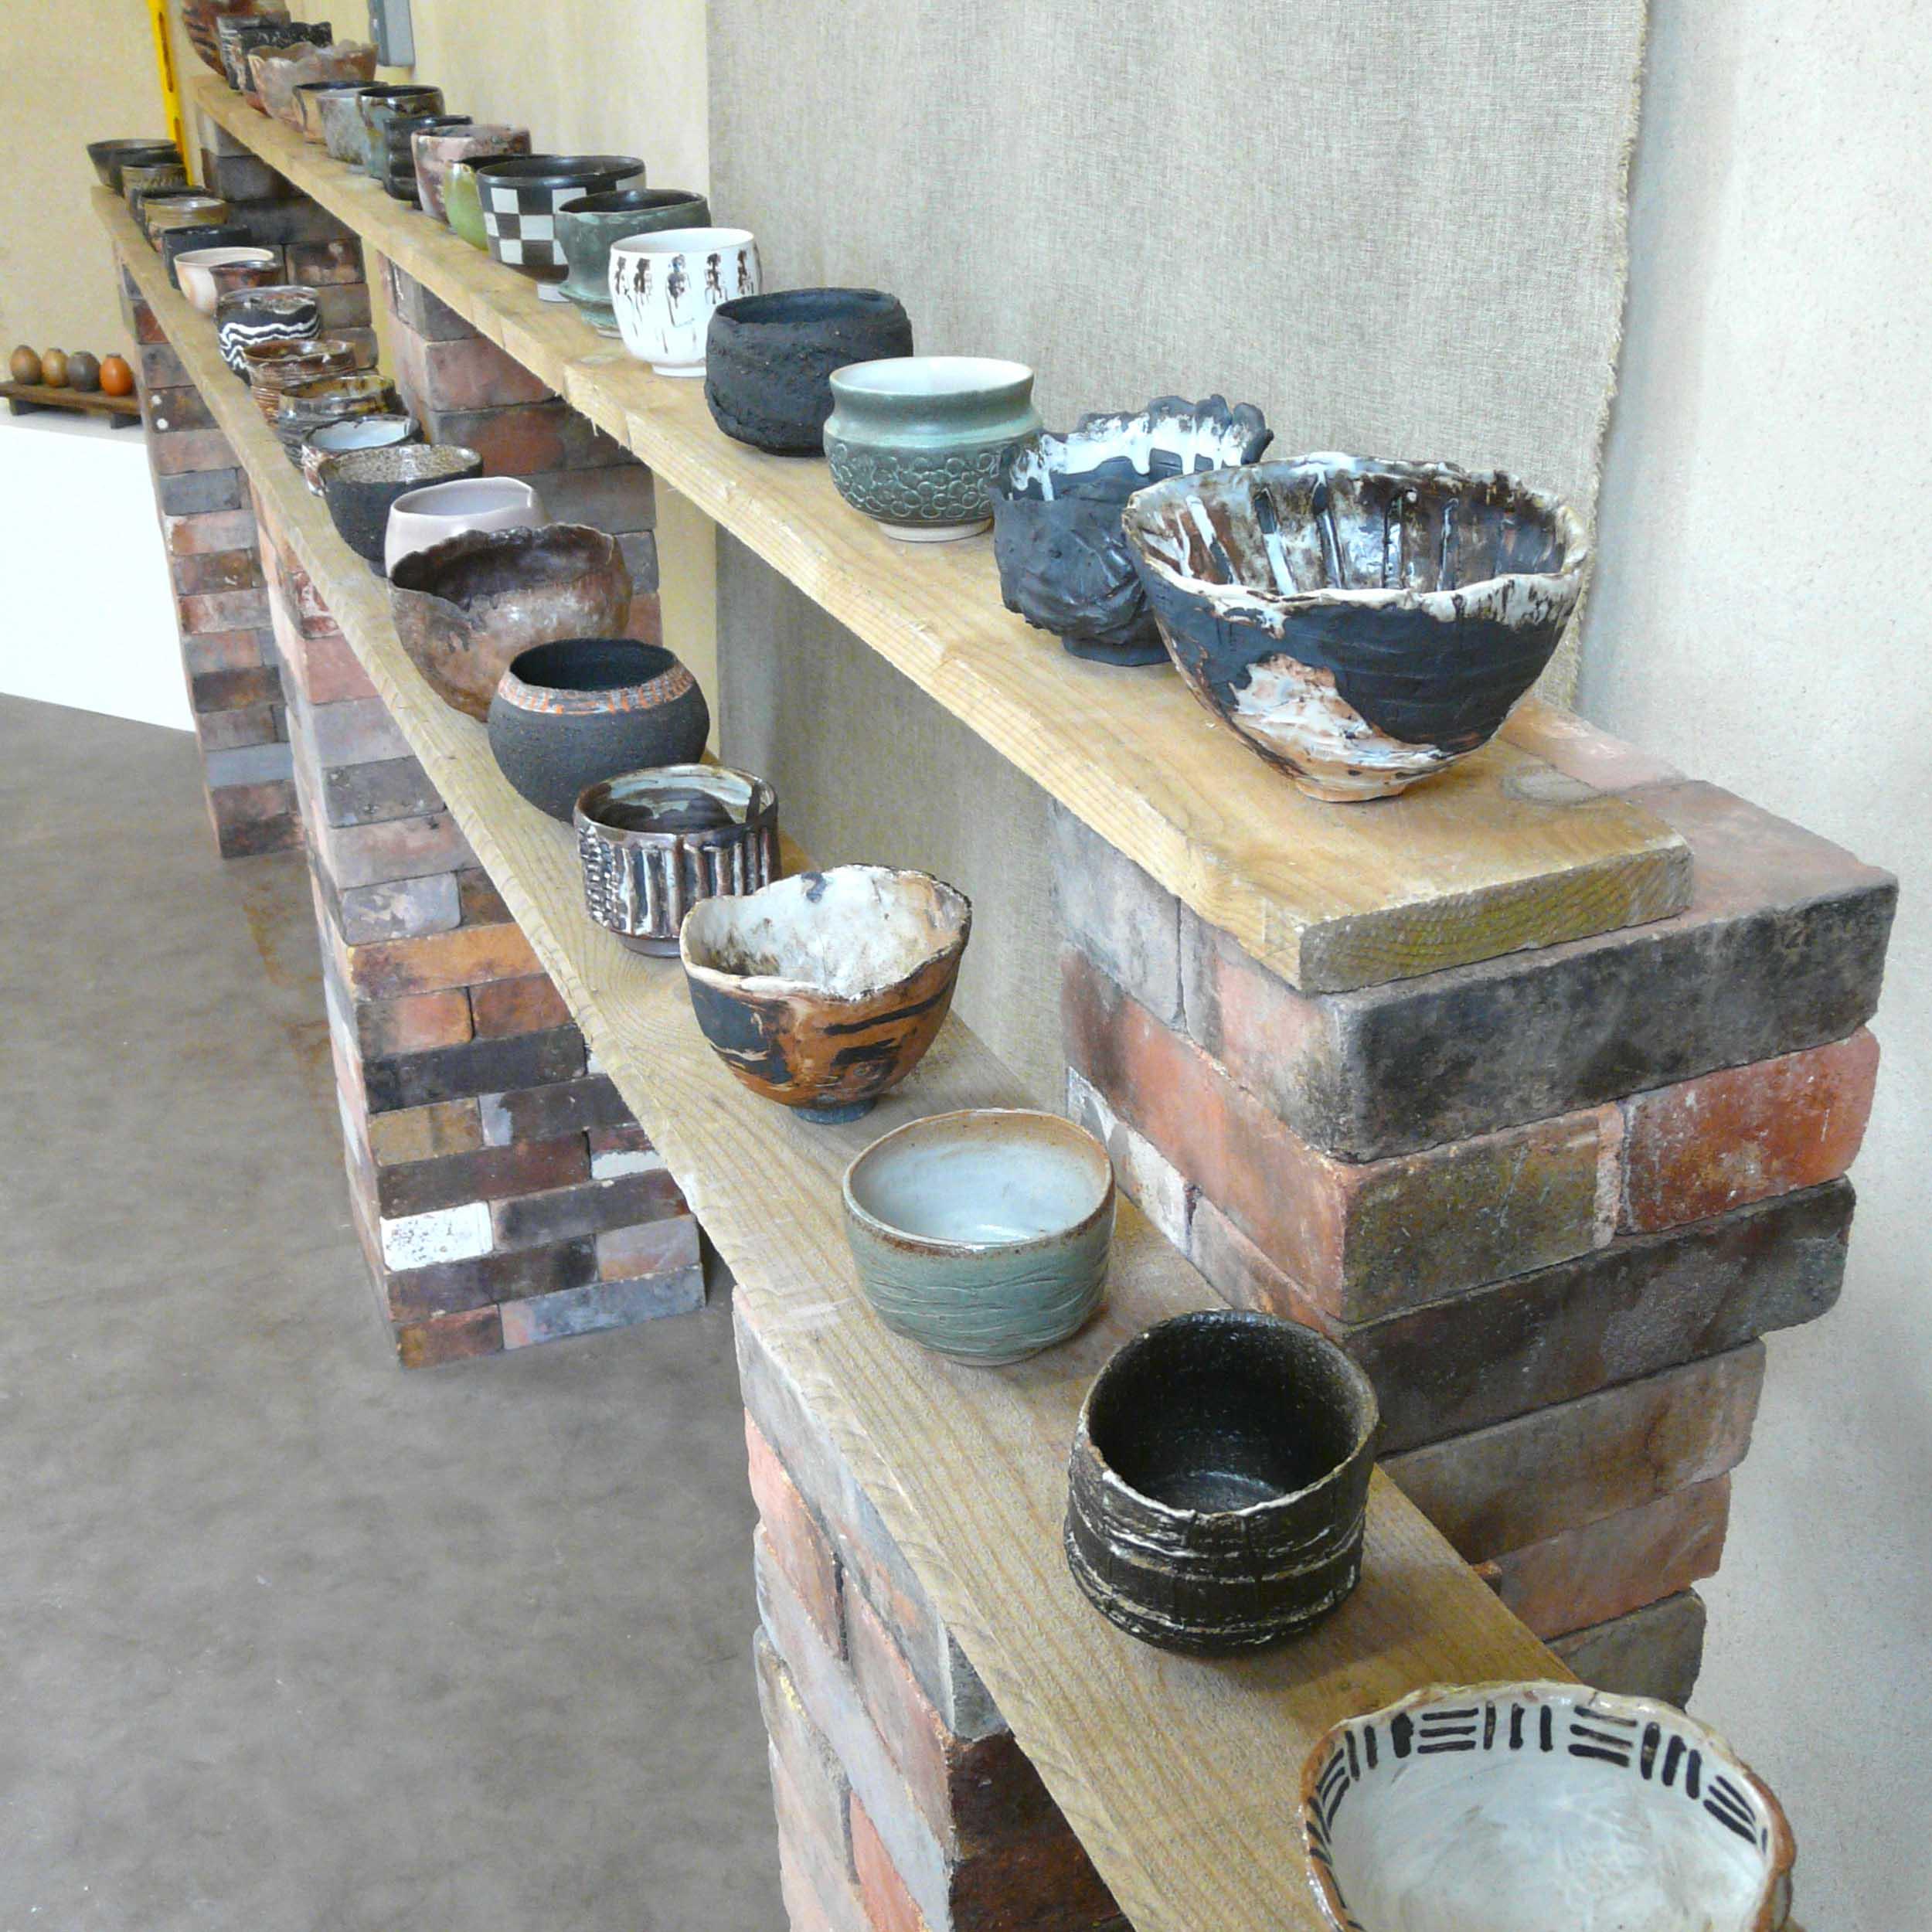 céramique contemporaine utilitaire